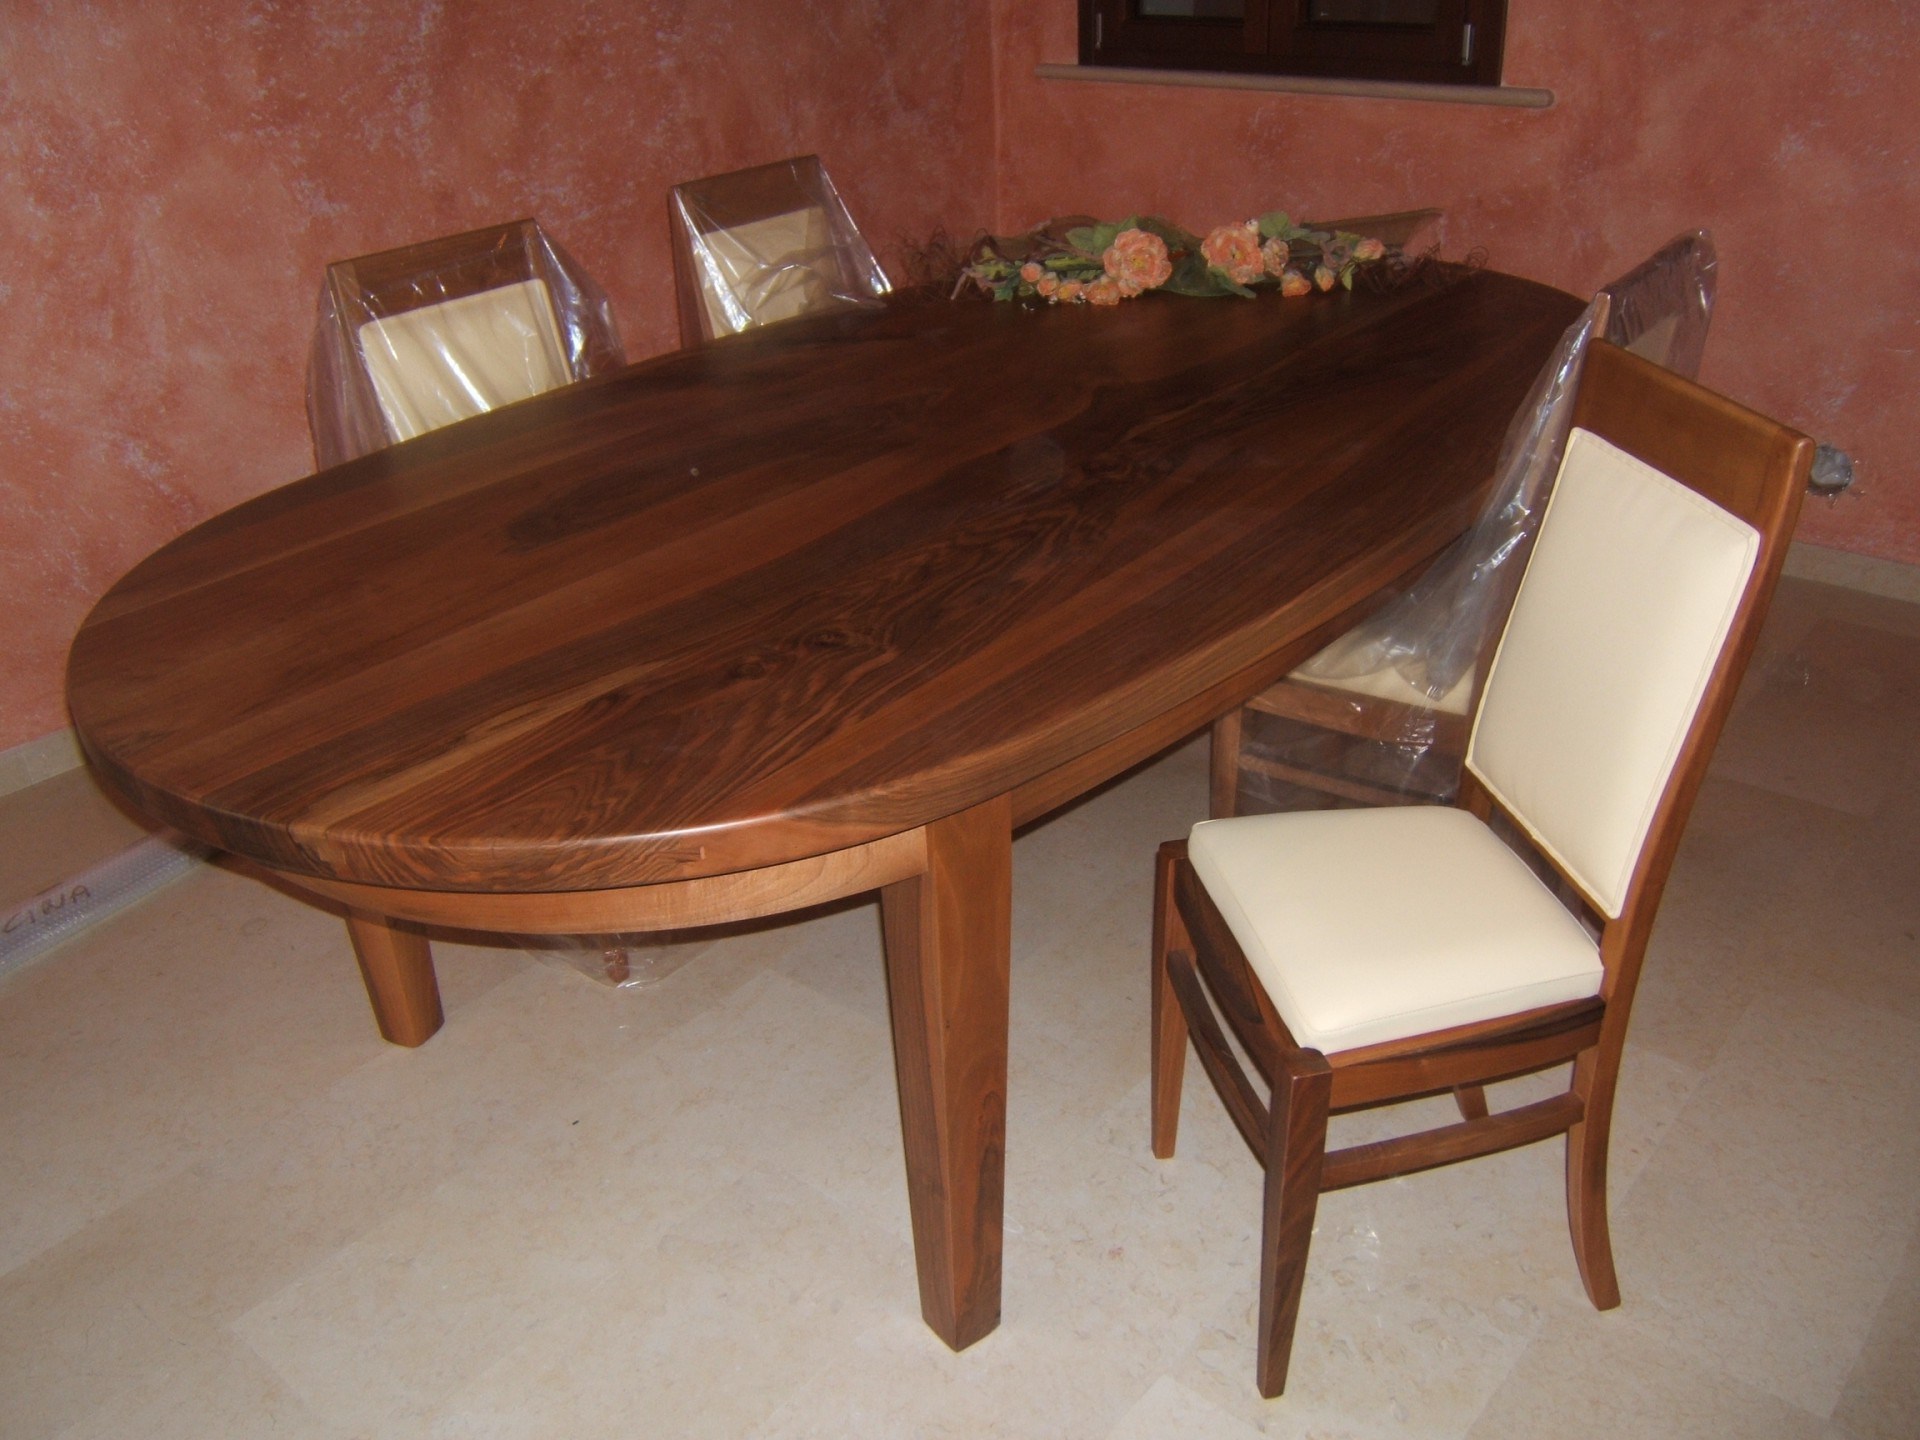 Tavoli in legno su misura fadini mobili cerea verona - Tavolo legno massello ...